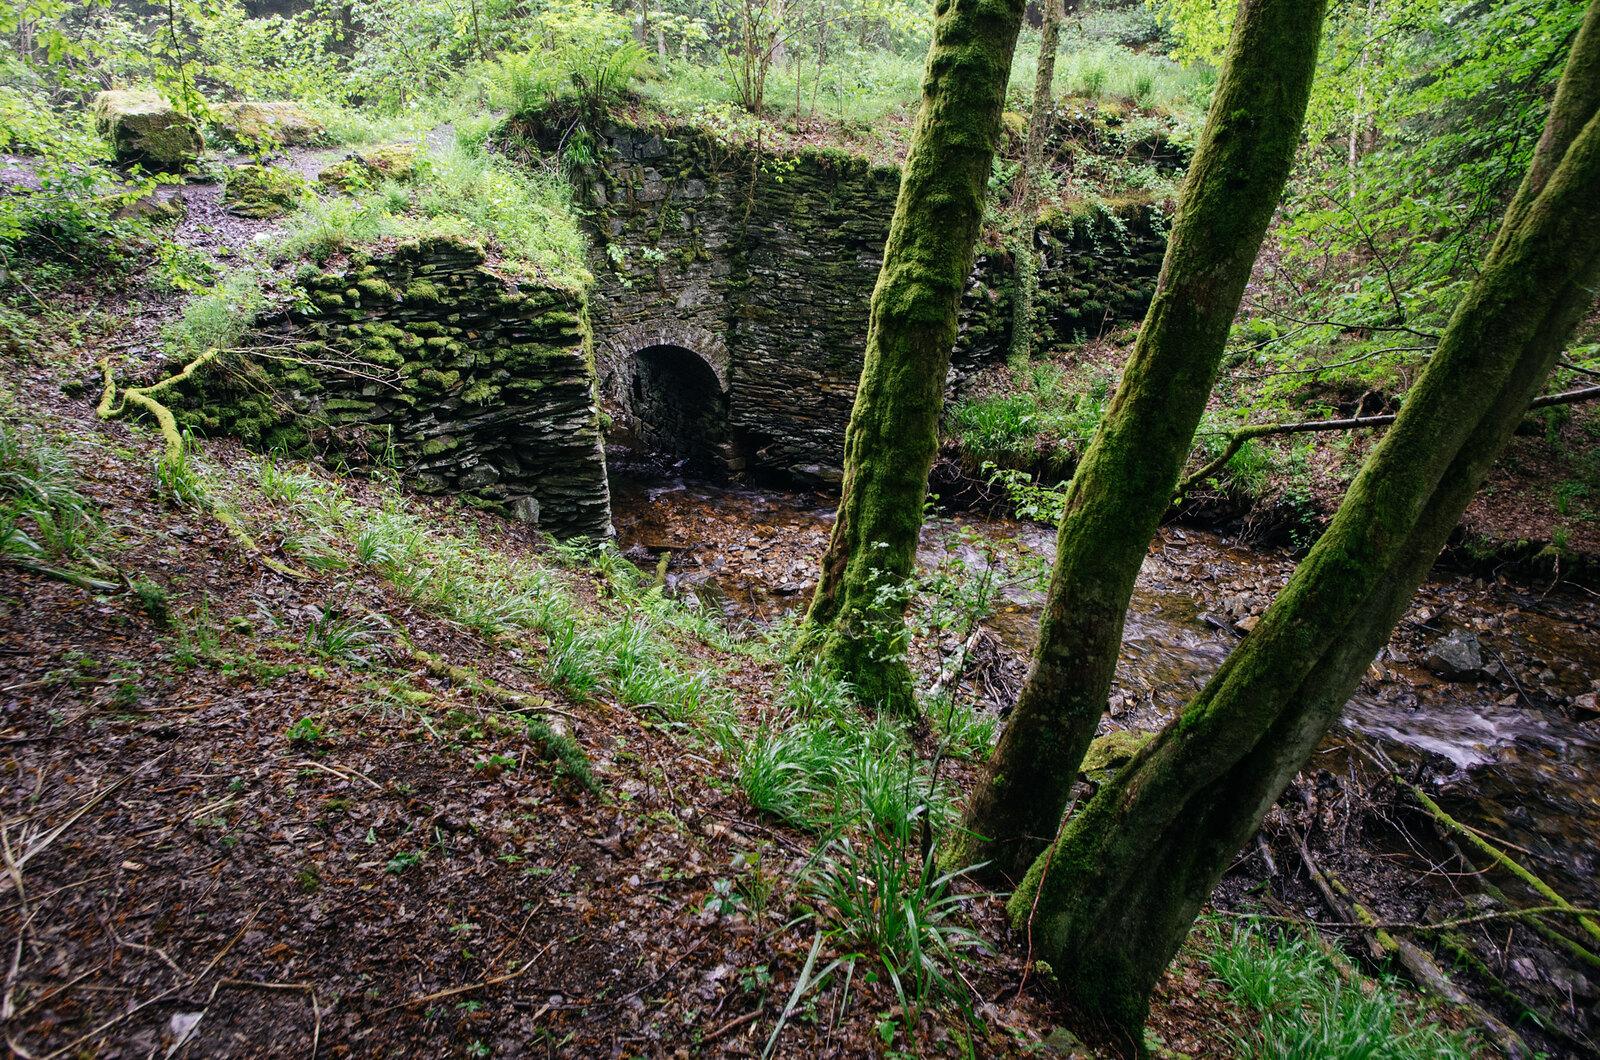 Balade dans les Ardennes - Le pont d'ardoises